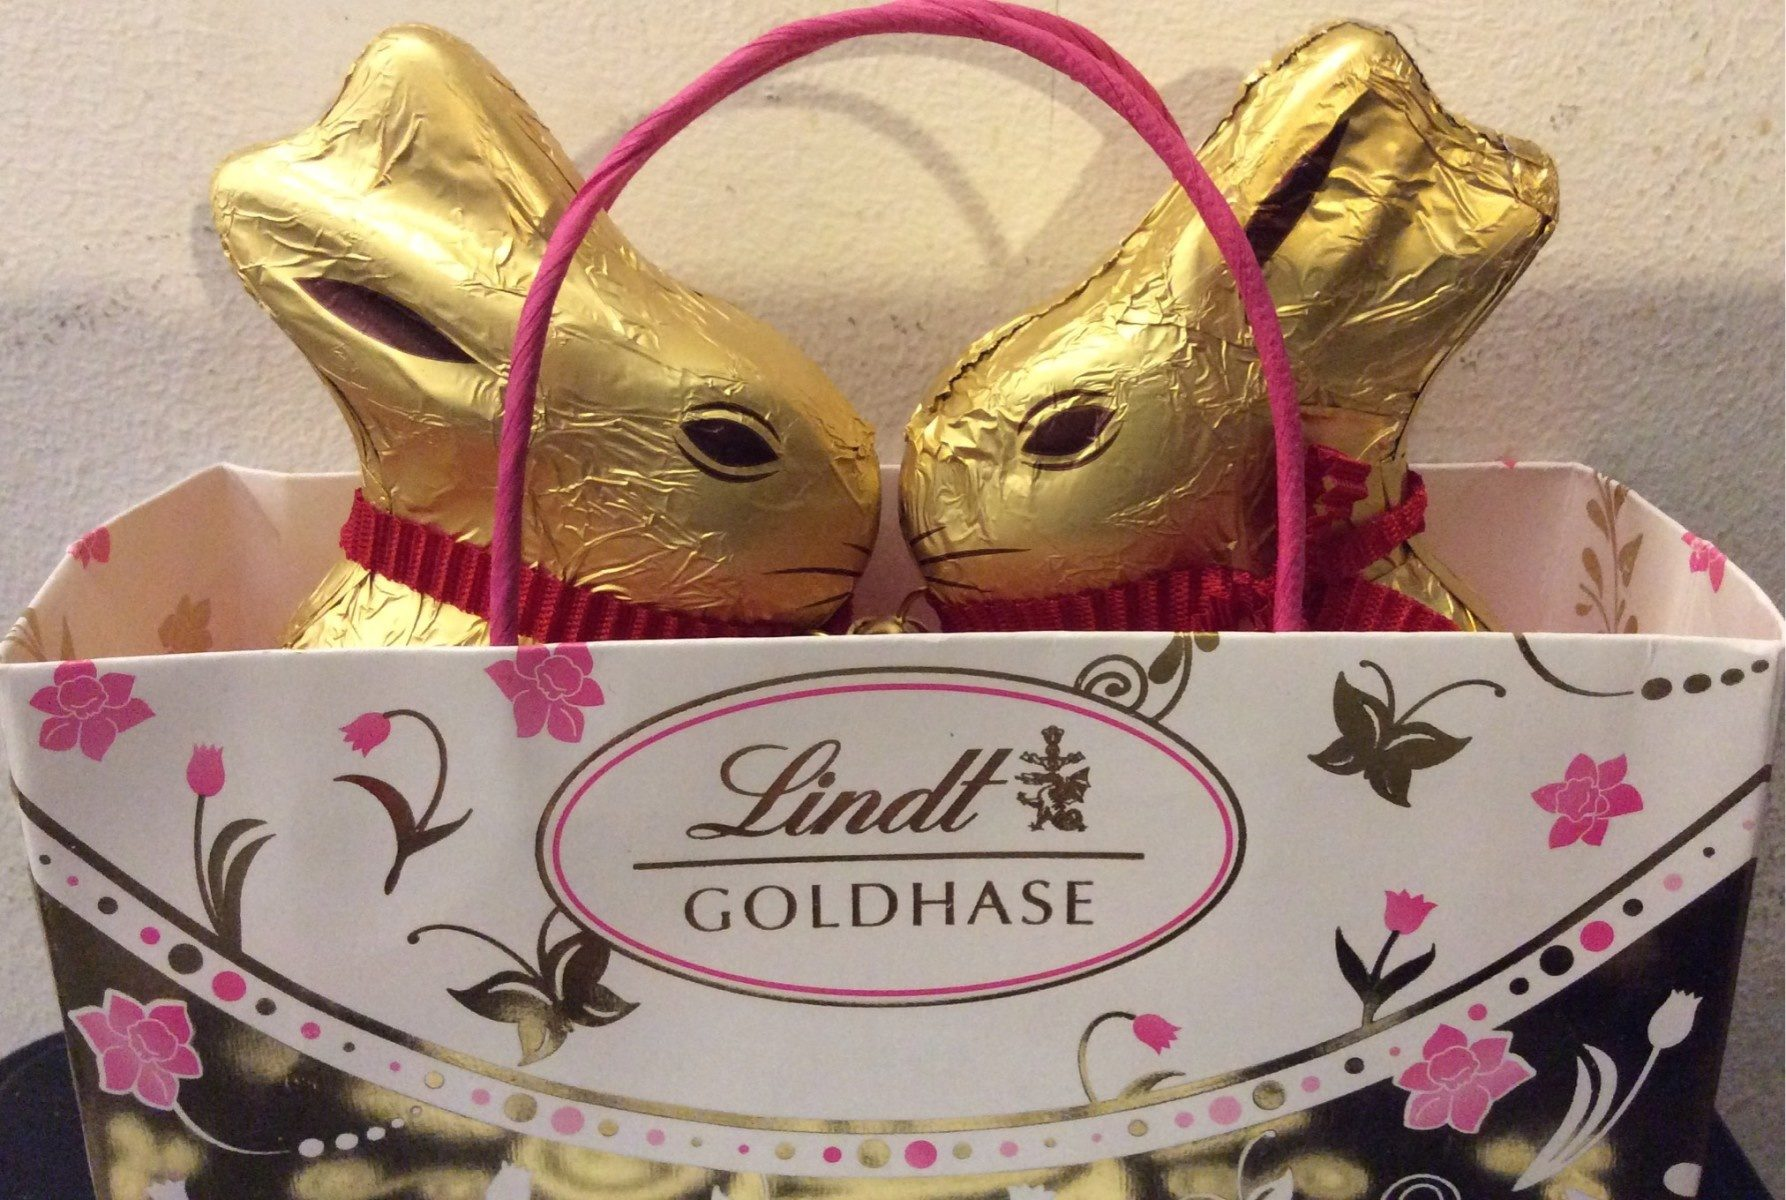 Goldhase lindt - Product - fr